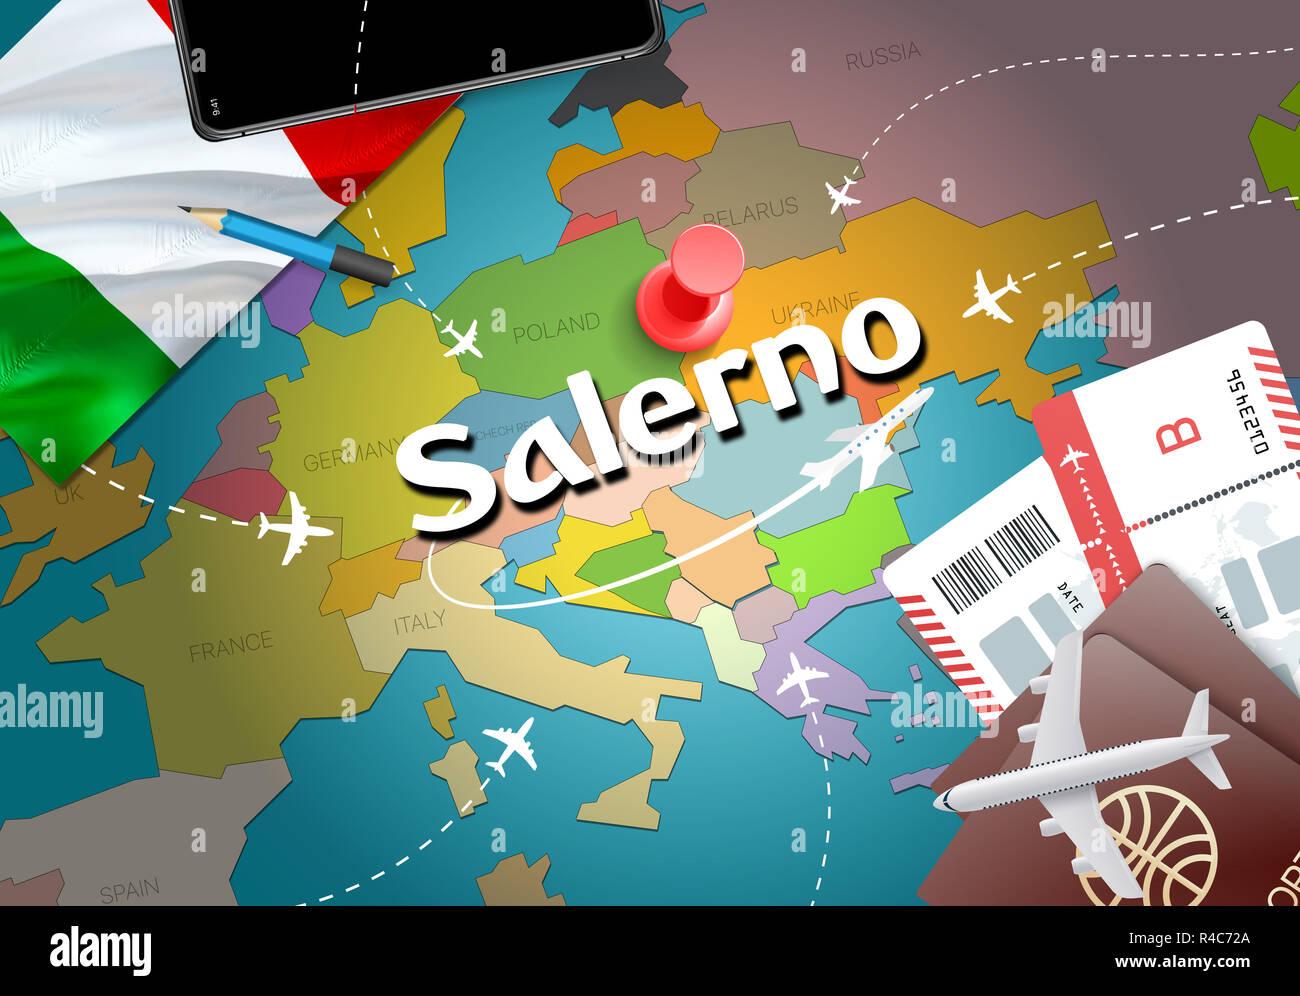 La Ciudad De Salerno Concepto Destino De Viajes Y Turismo Bandera